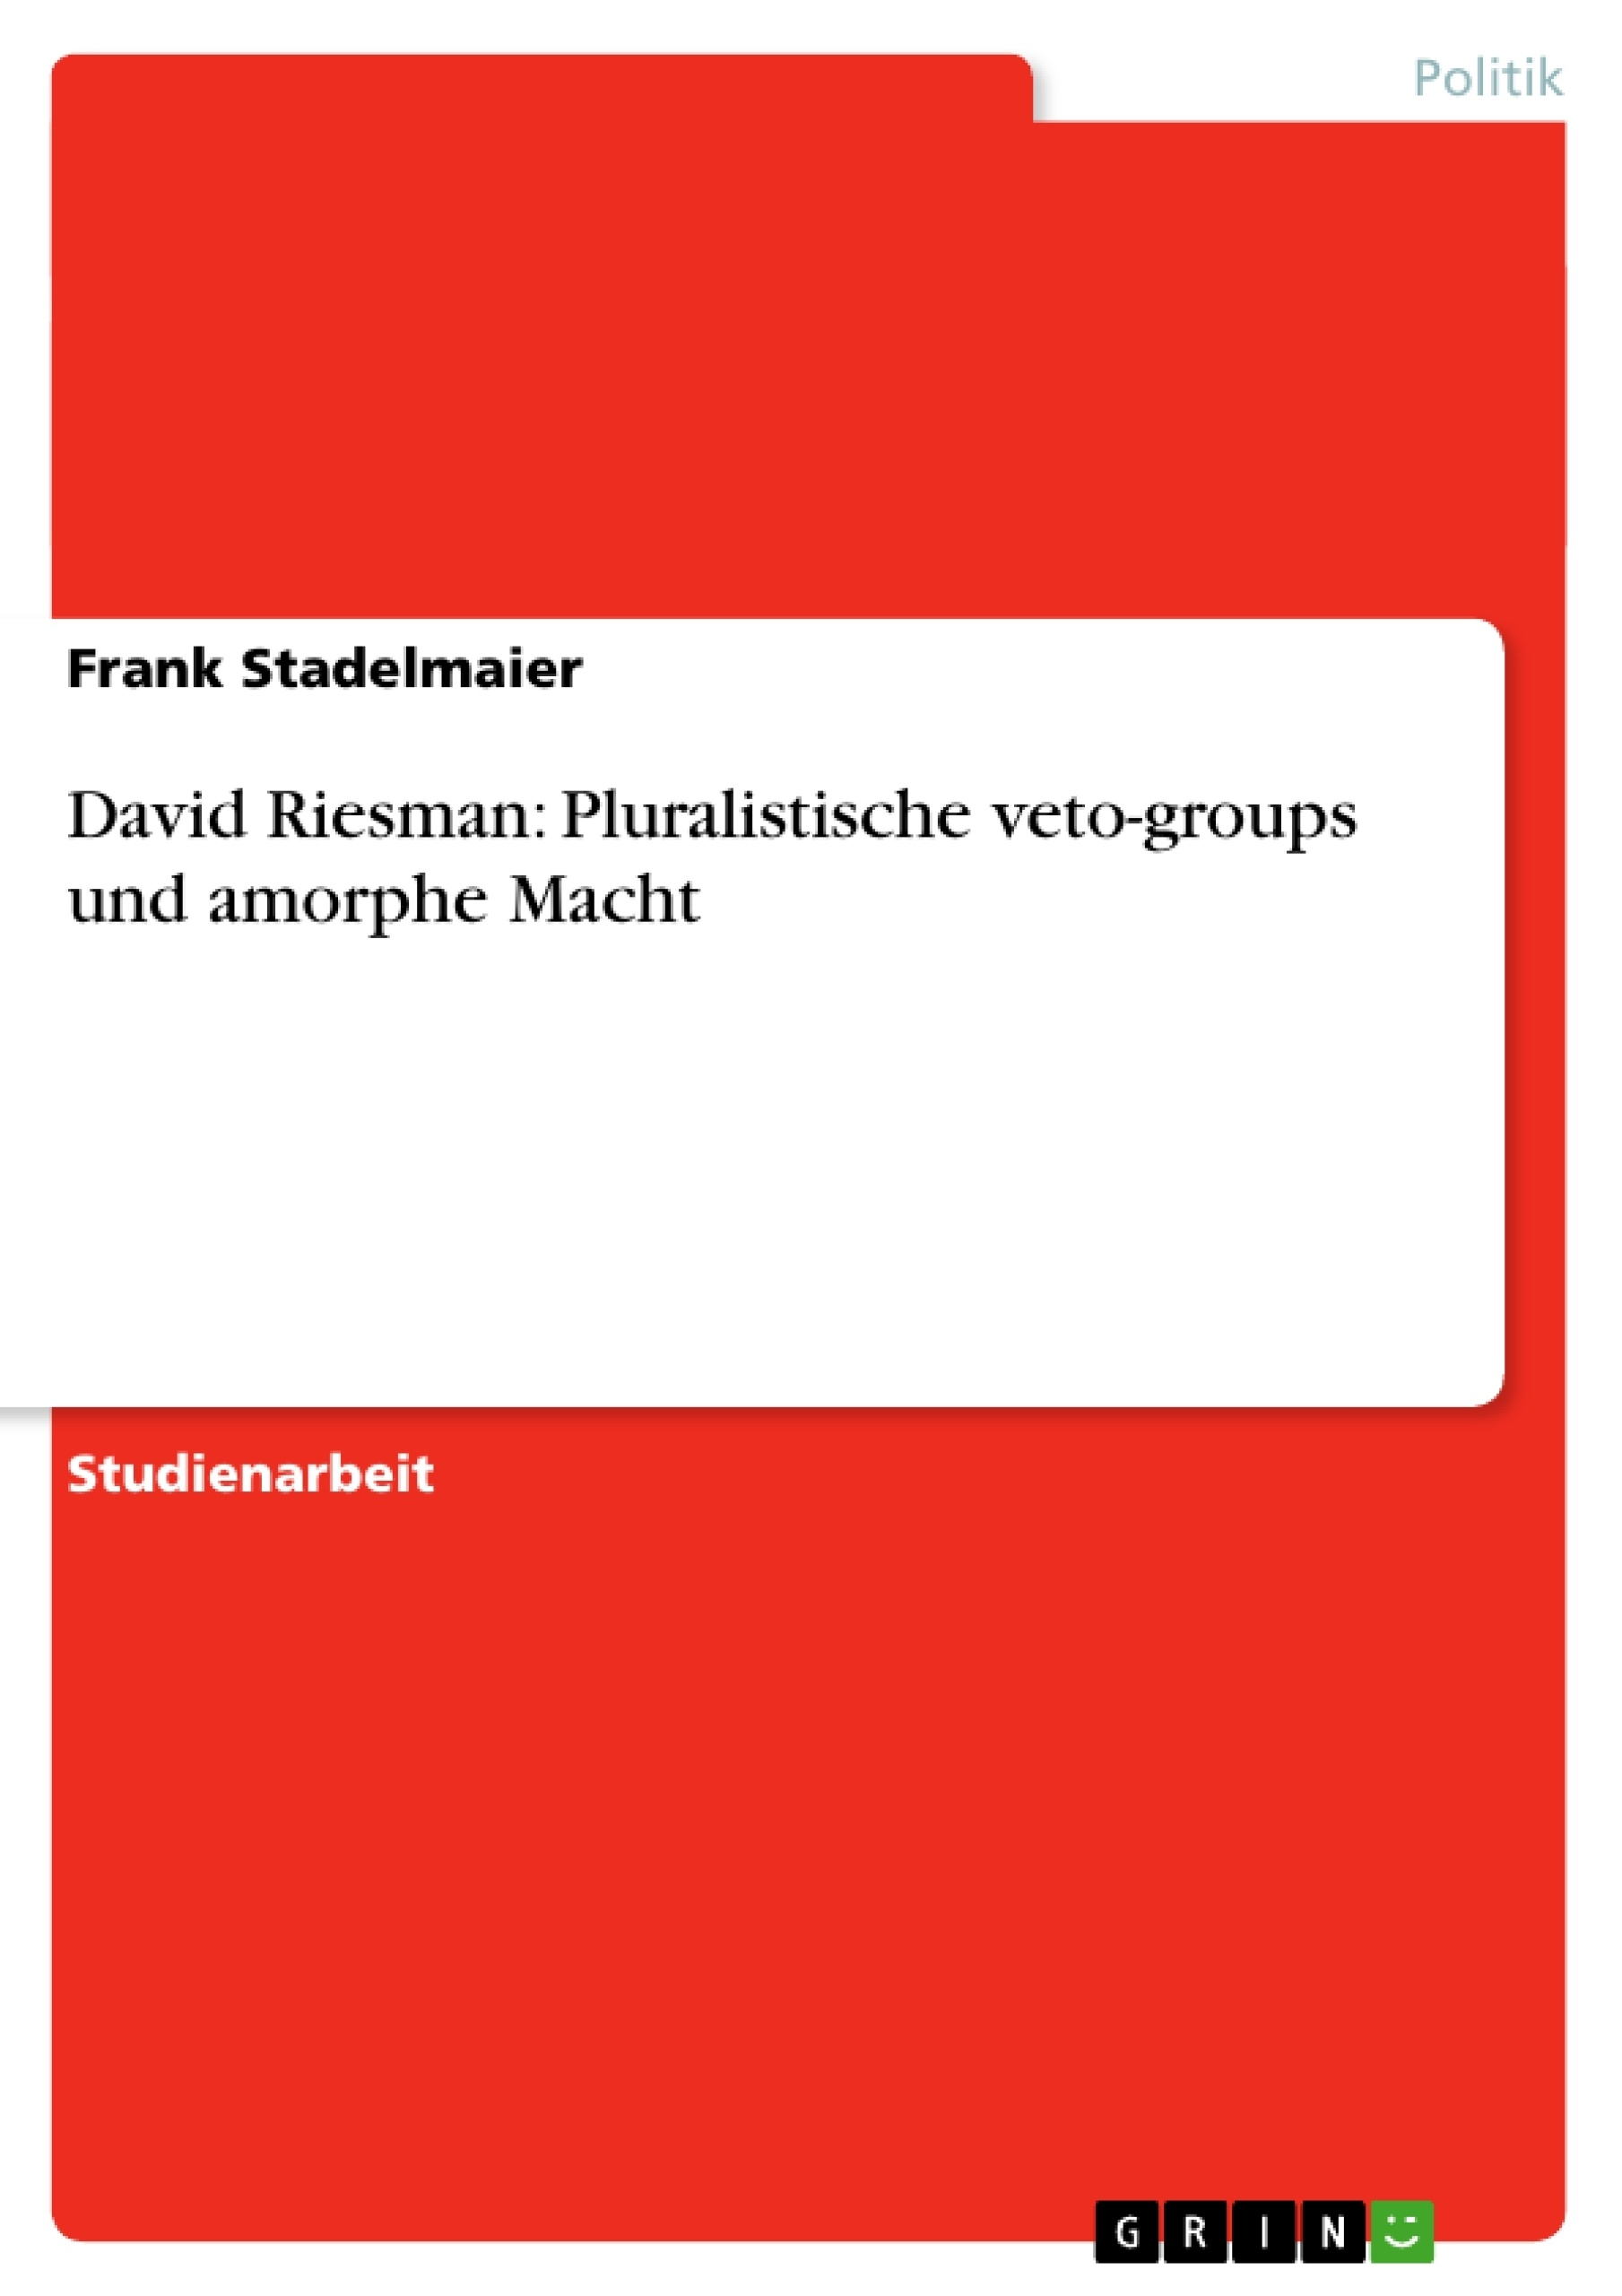 Titel: David Riesman: Pluralistische veto-groups und amorphe Macht